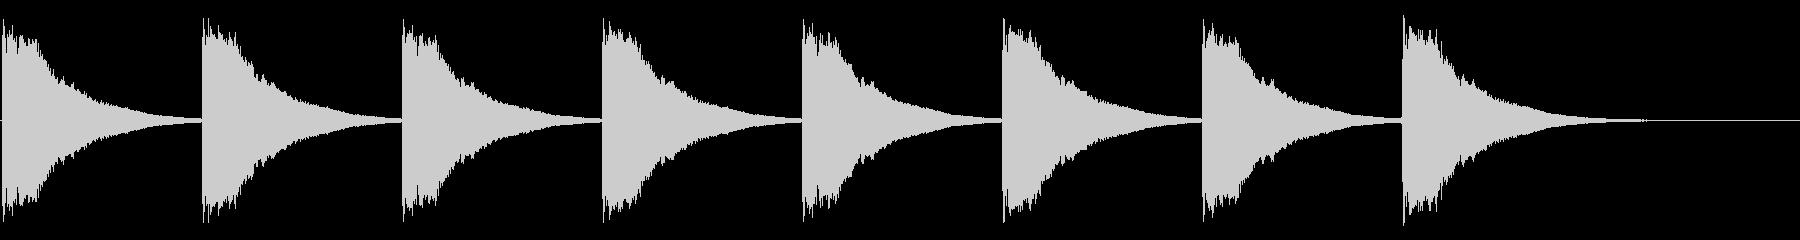 教会の鐘-7-1_delayの未再生の波形